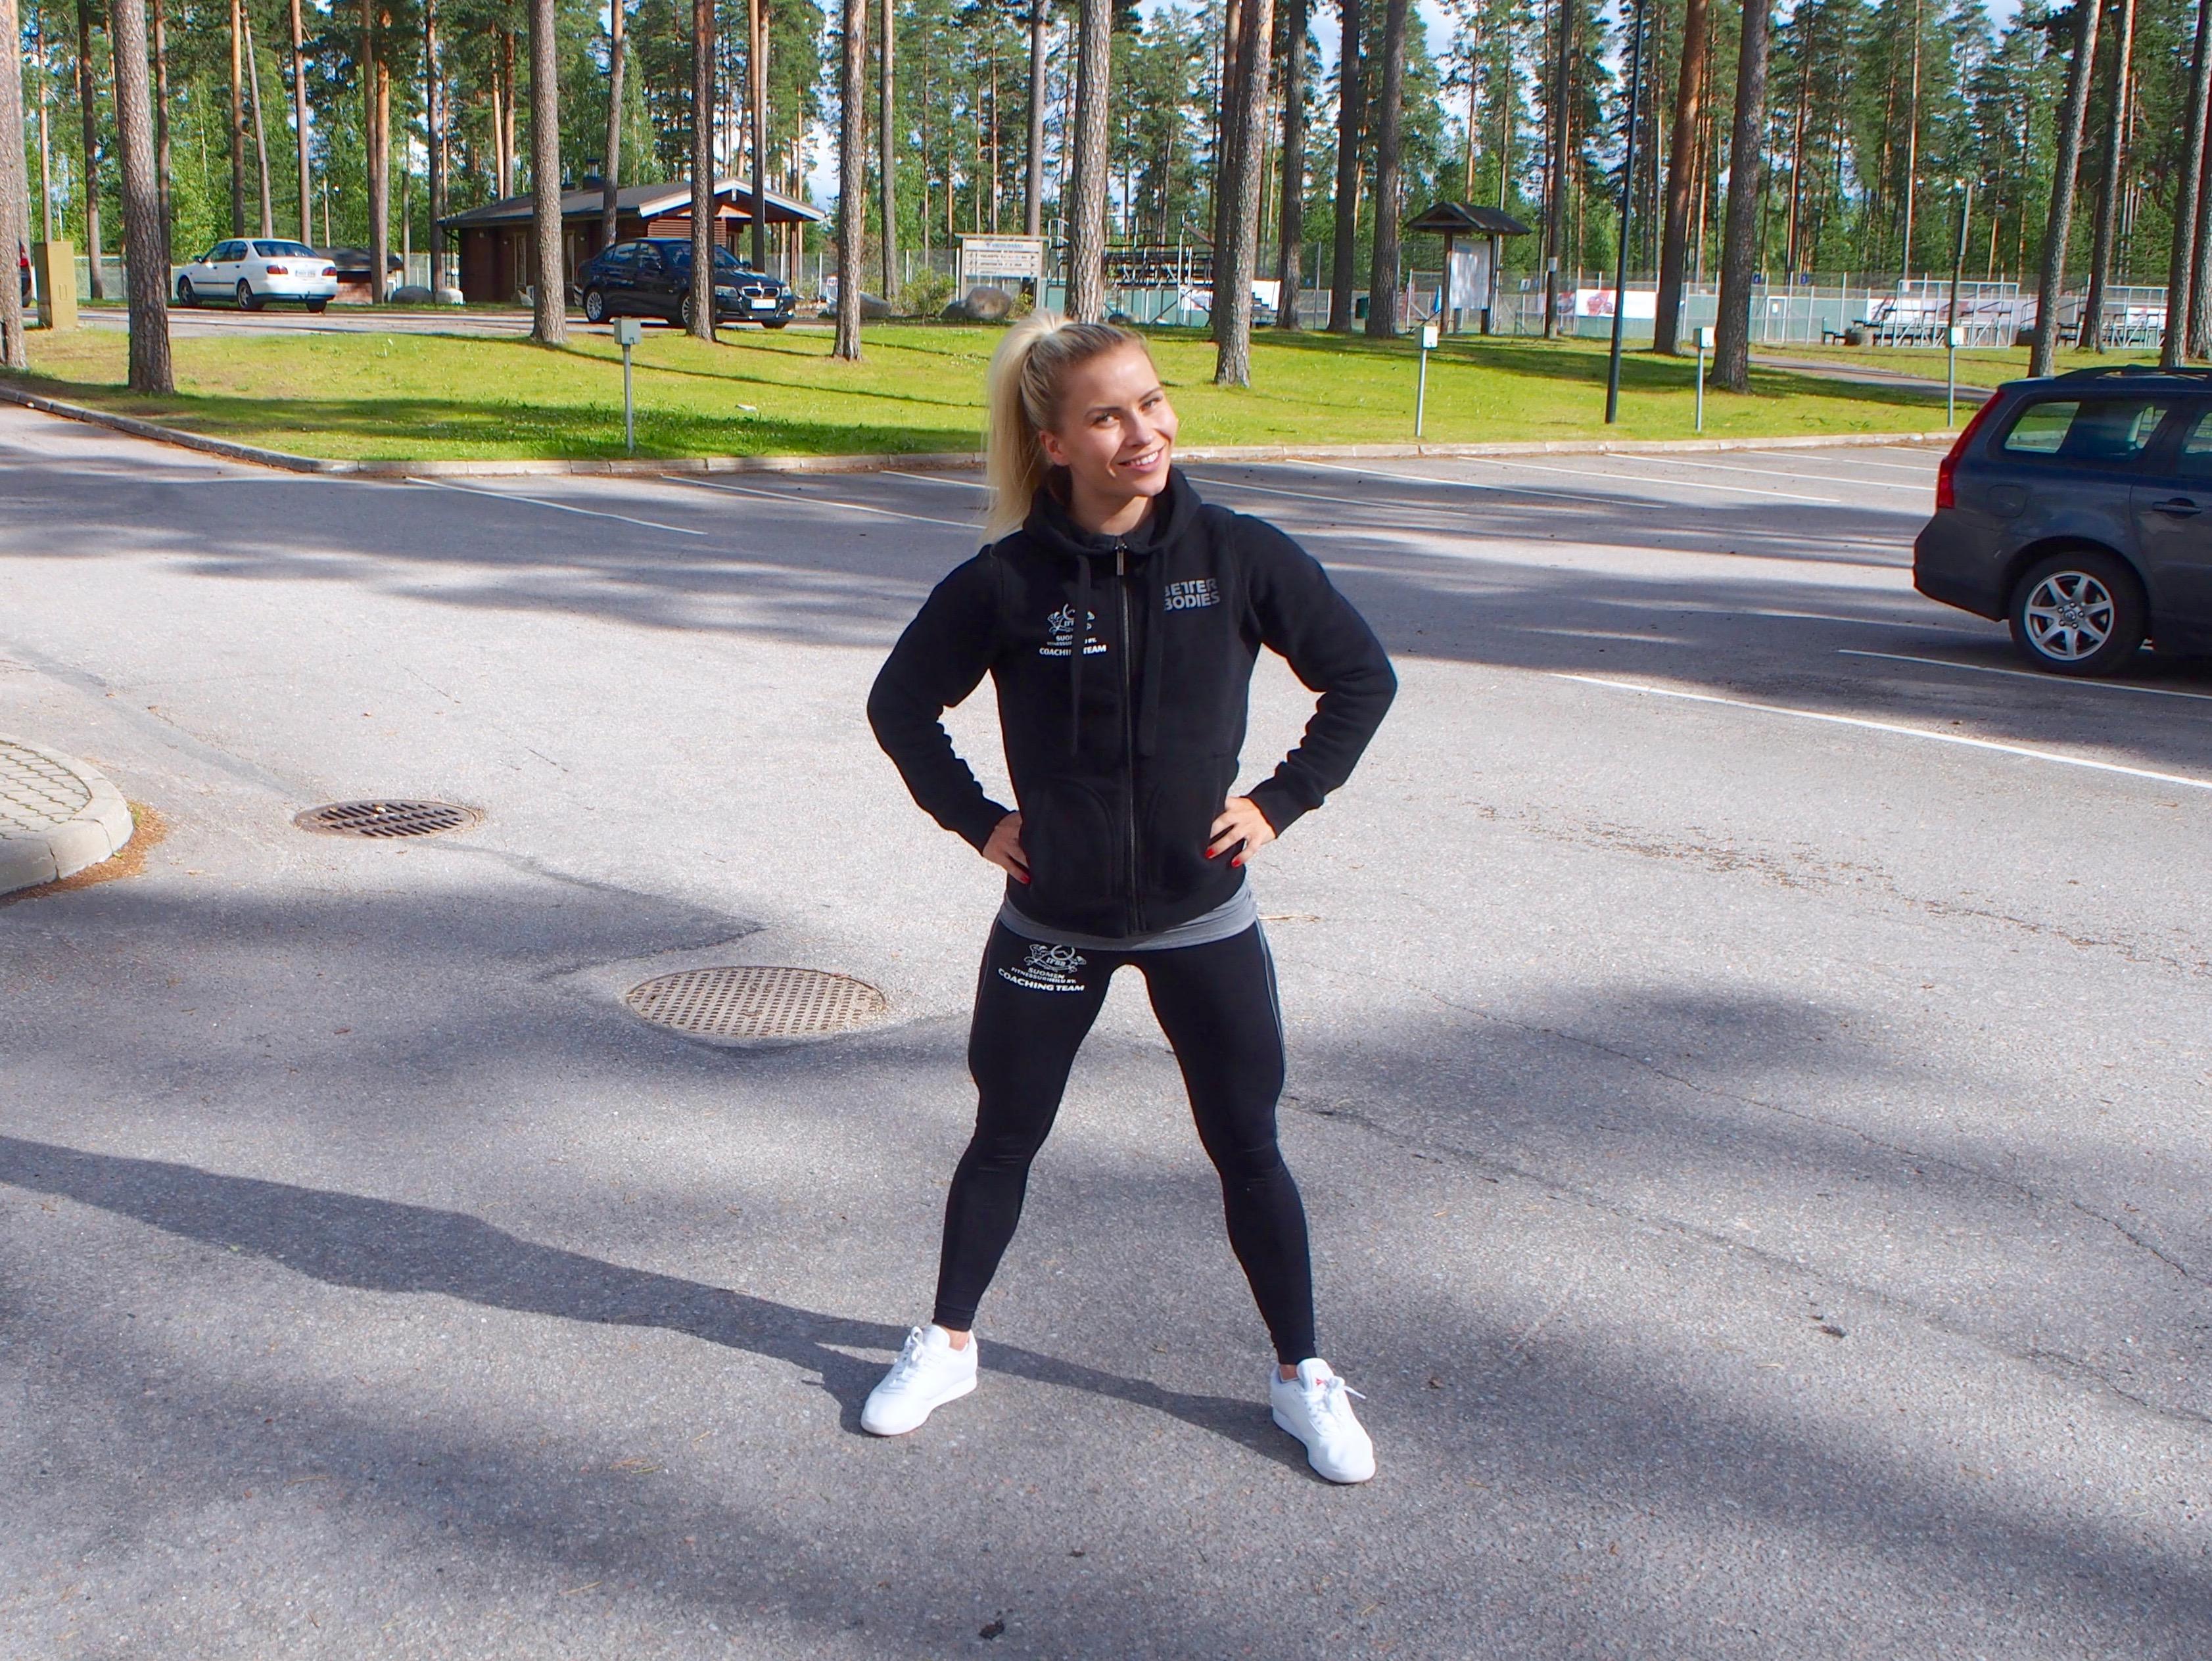 Fitness Summer Camp - Suomen Fitnessurheilu ry